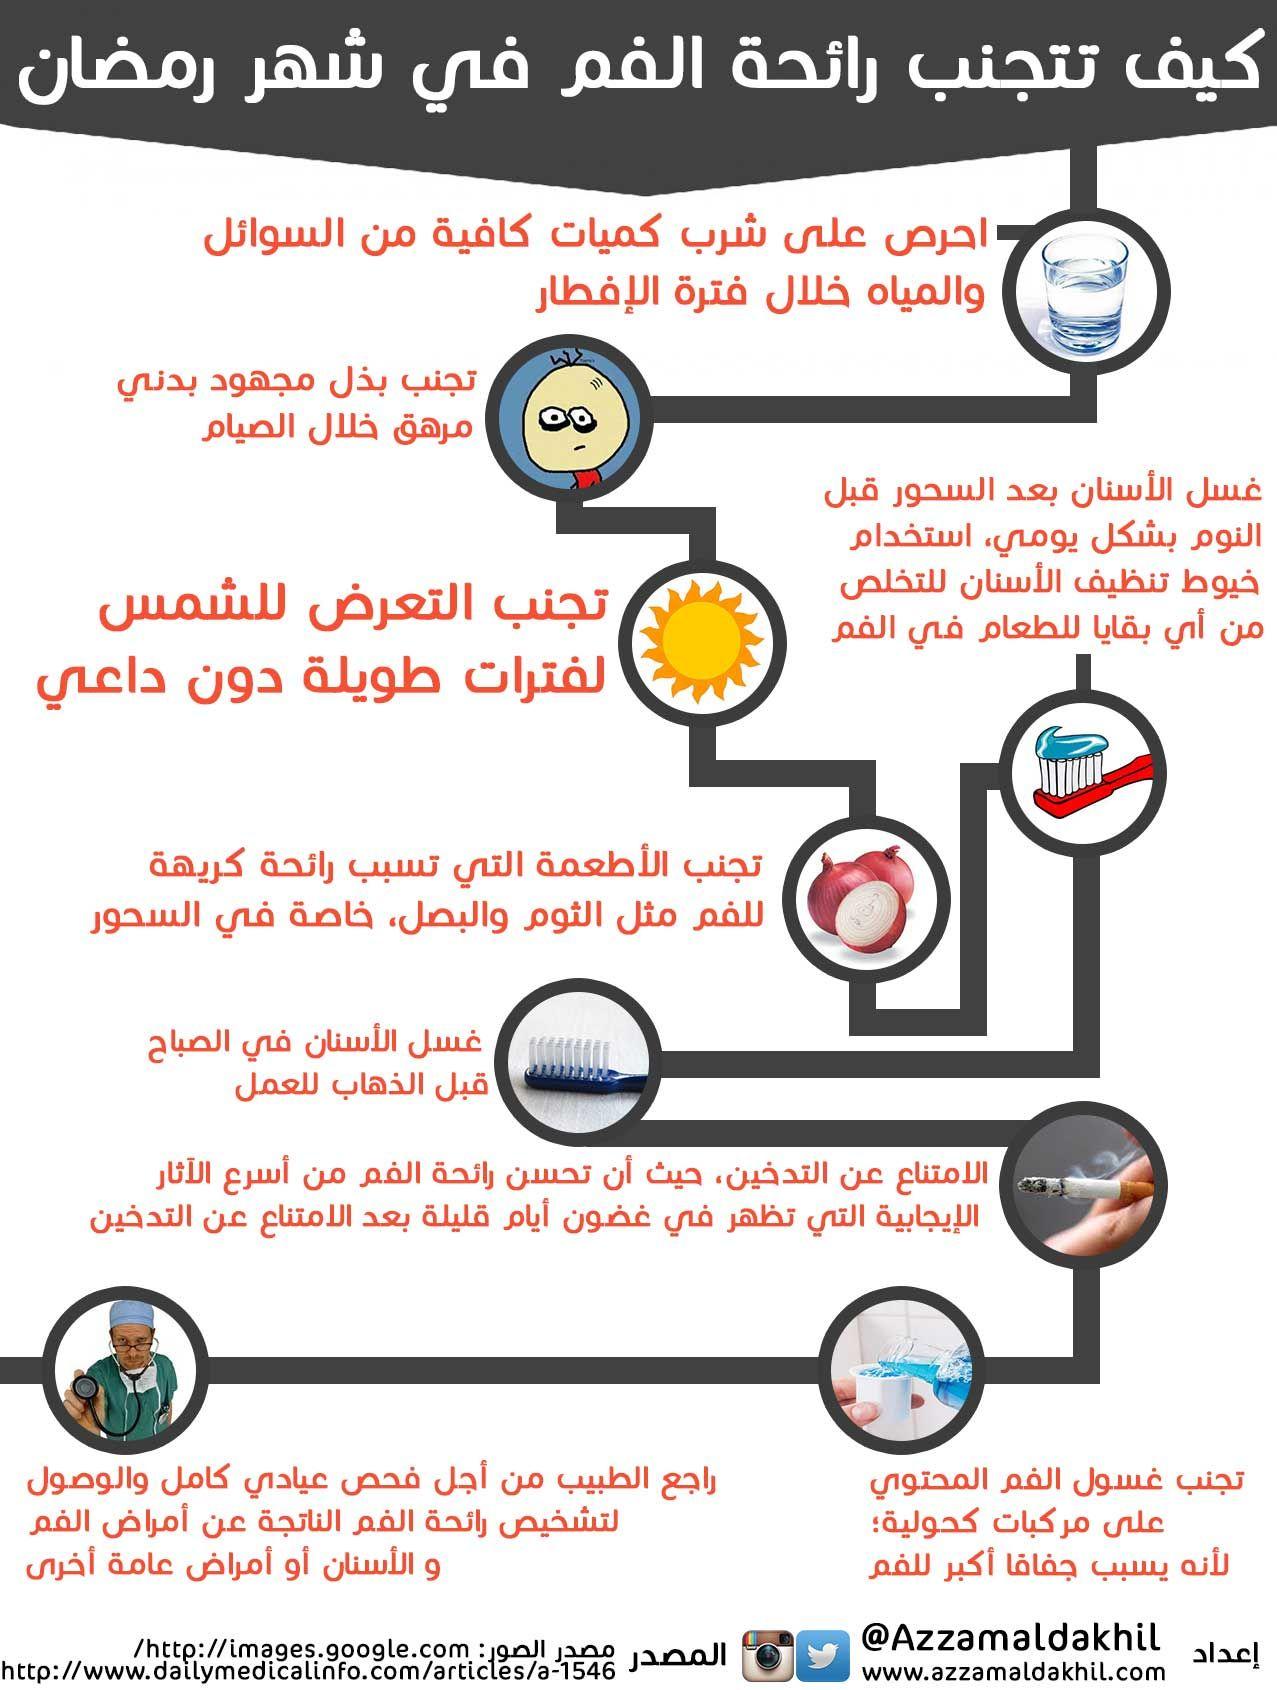 كيف تتجنب رائحة الفم في رمضان Http Buff Ly 1vrmzmg تعلوماتي عزام الدخيل رسم معلوماتي Ramadan Helpful Hints Blog